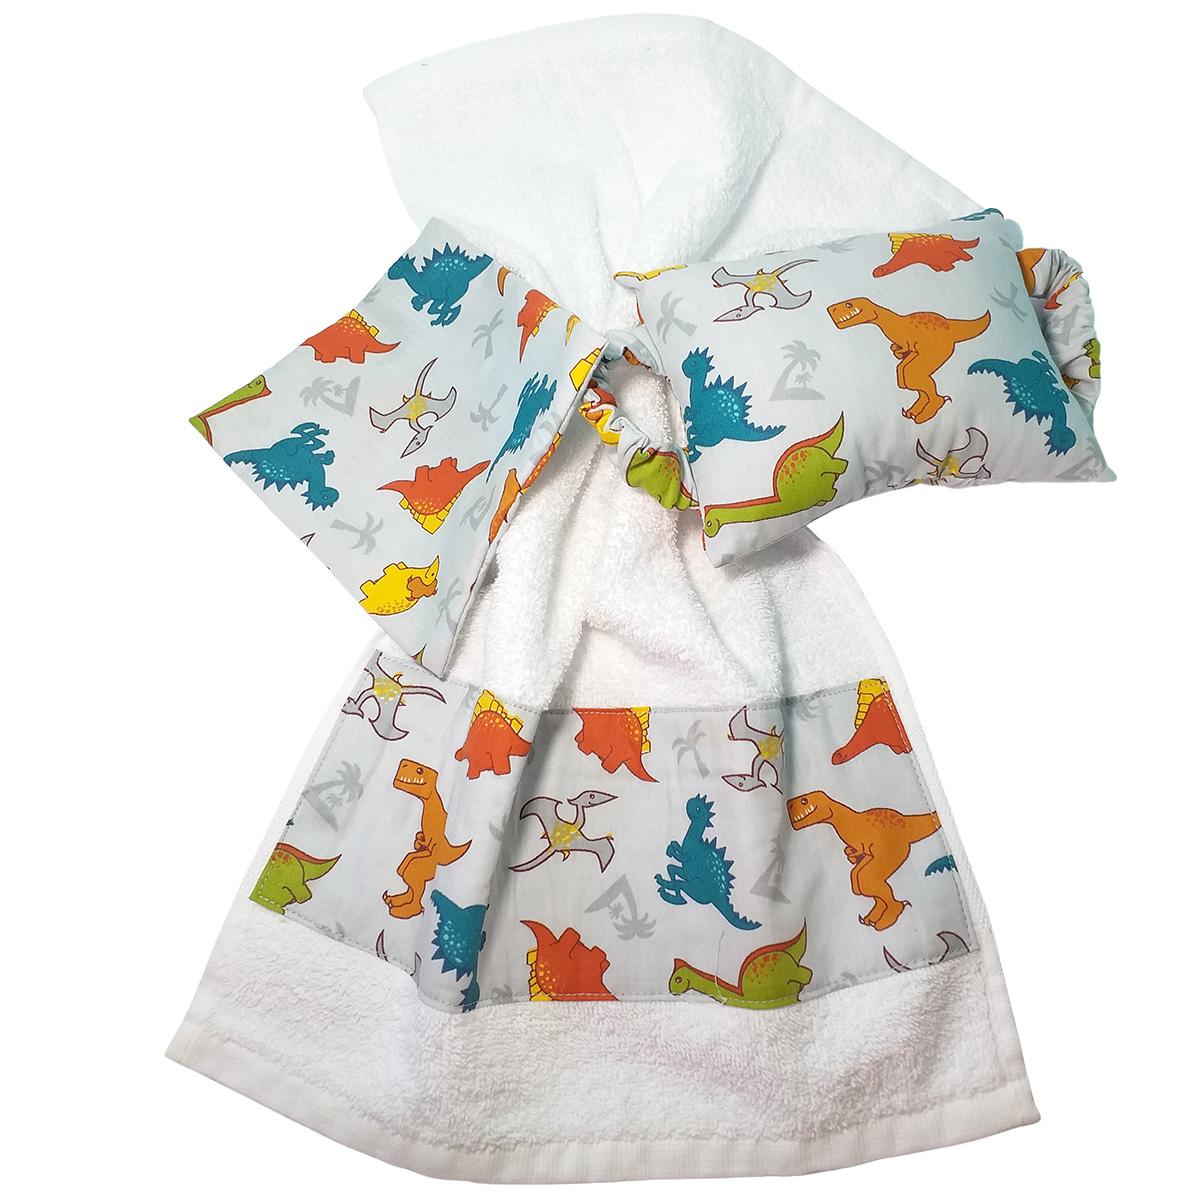 Kit Bebê 3 Peças Estampa Dinossauros   Bolsa Térmica Cólicas, Toalha de Boca e Protetor de Porta